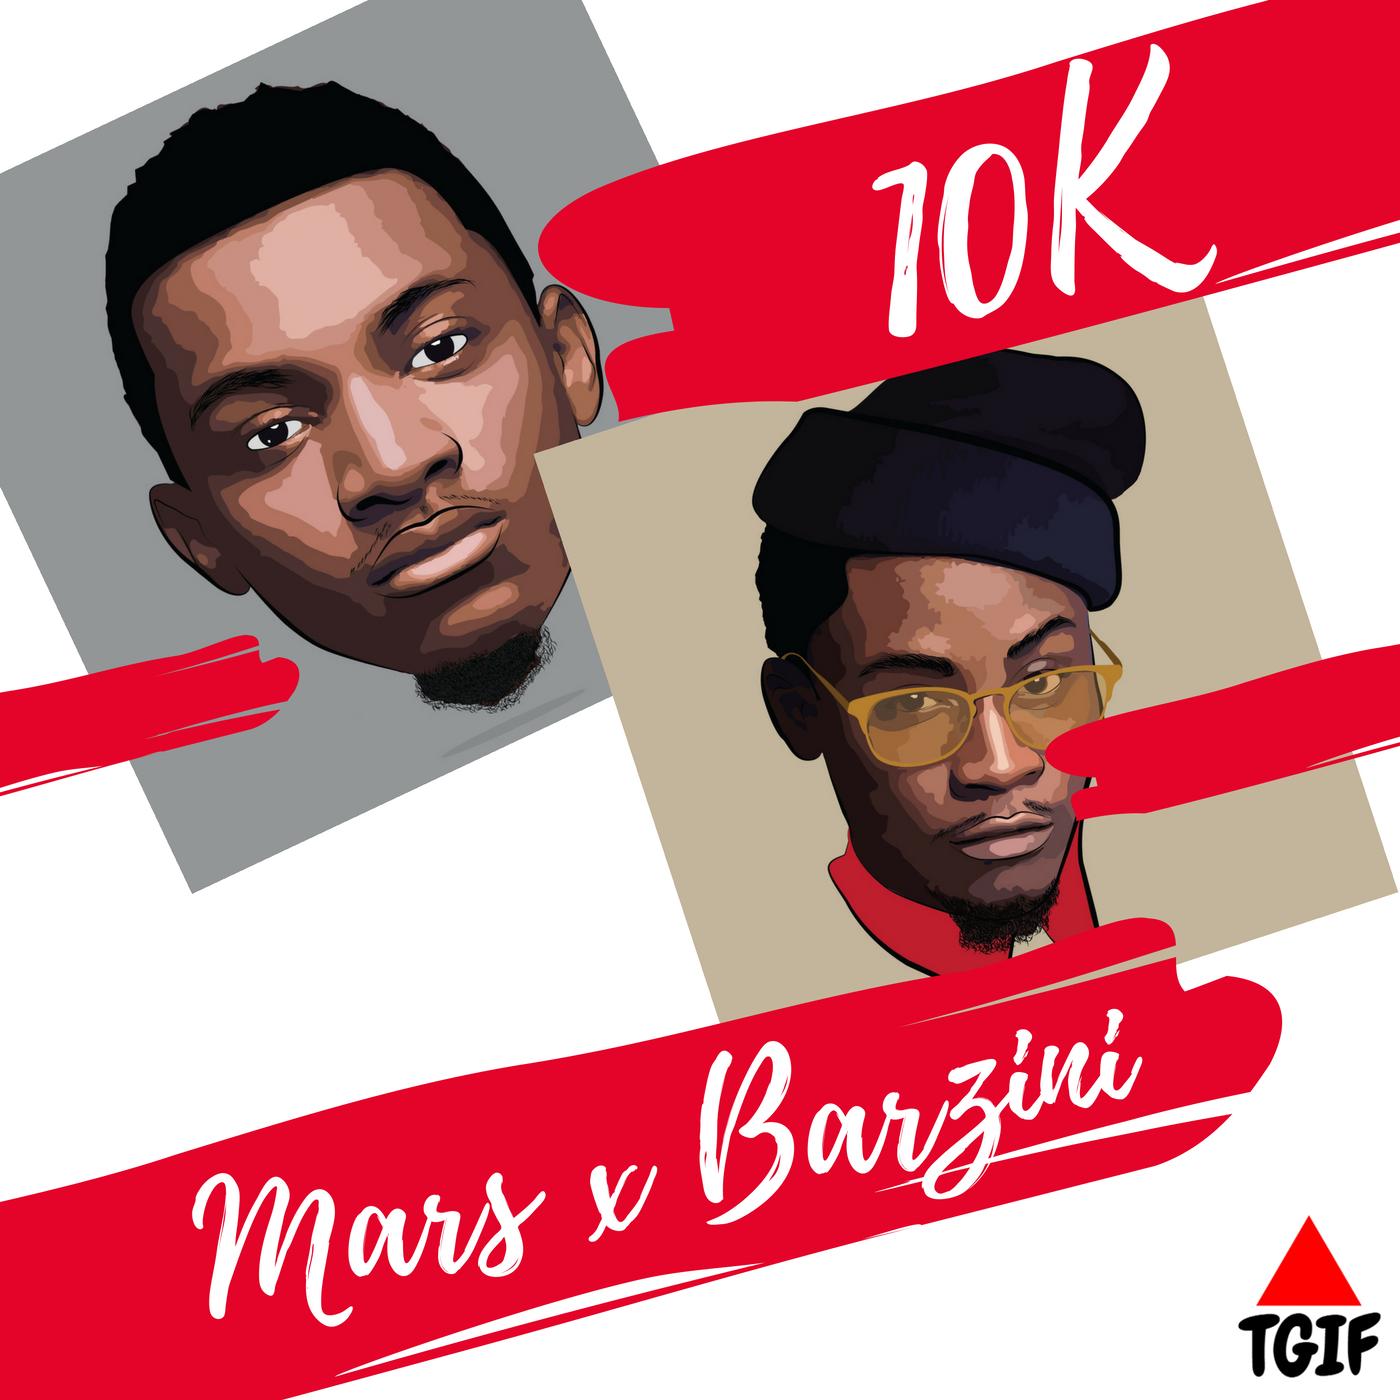 Mars x Barzini – 10K